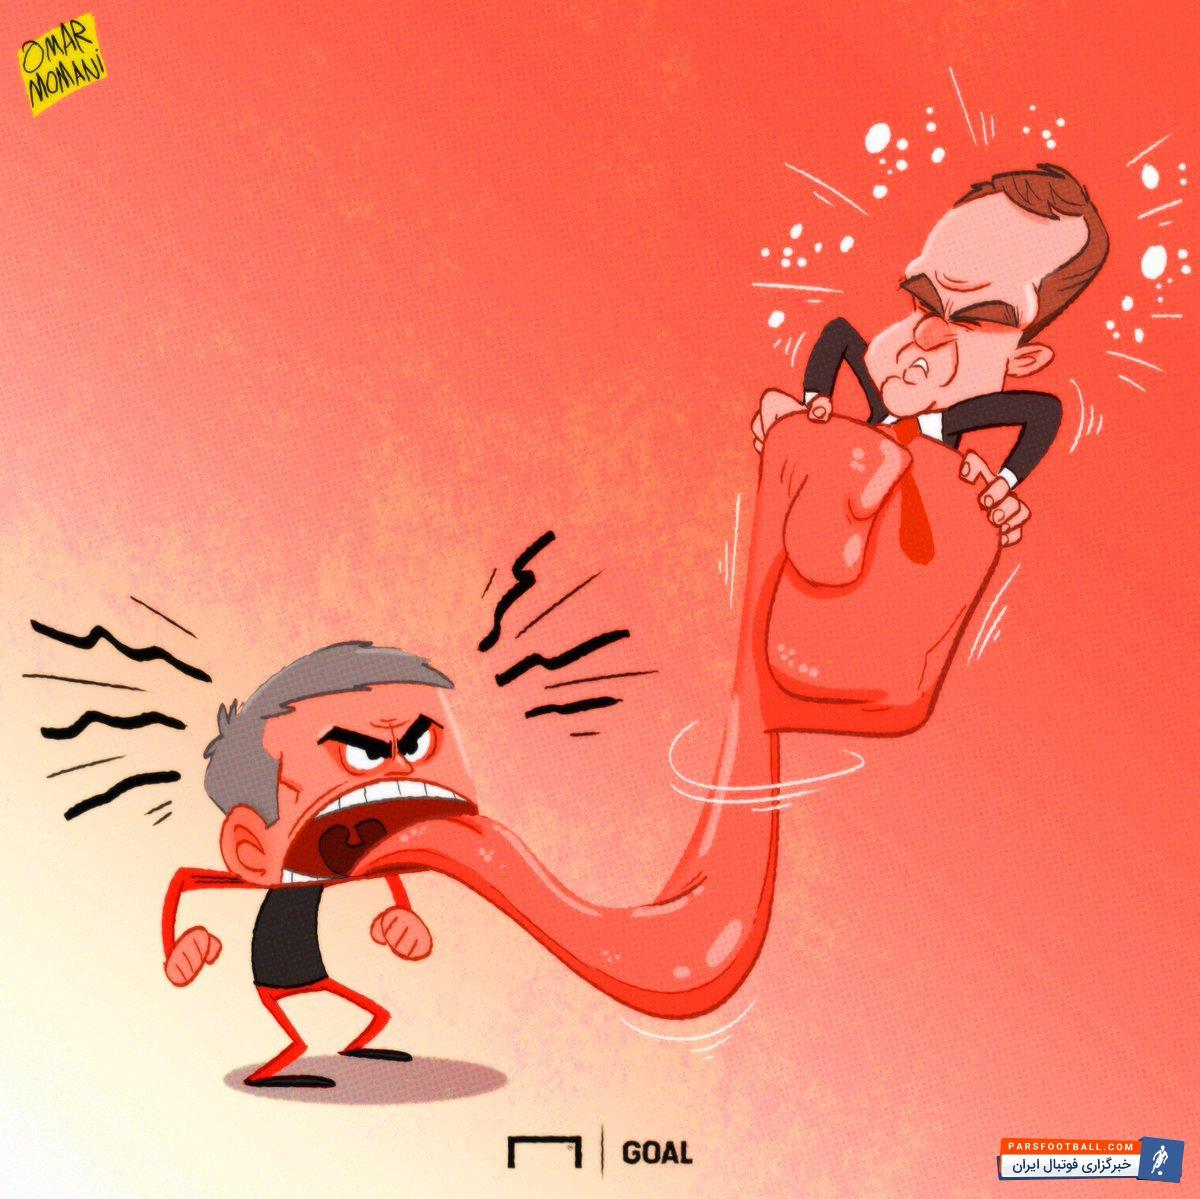 مورینیو سرمربی تیم  منچستریونایتد جواب انتقاد تند دی بوئر به خودش را داد